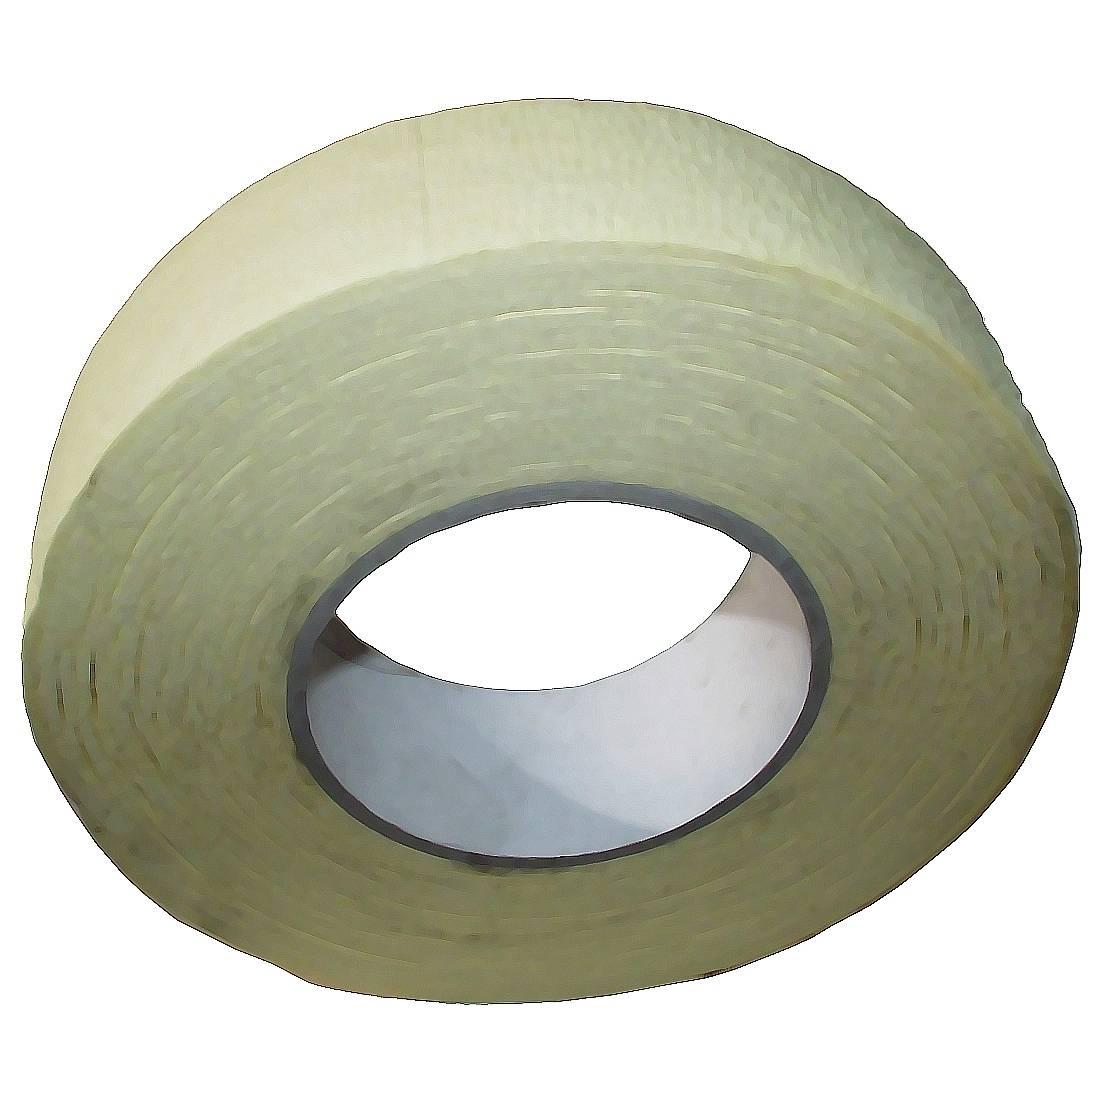 Feinkreppband T721, 25 mm x 50 m / Rolle